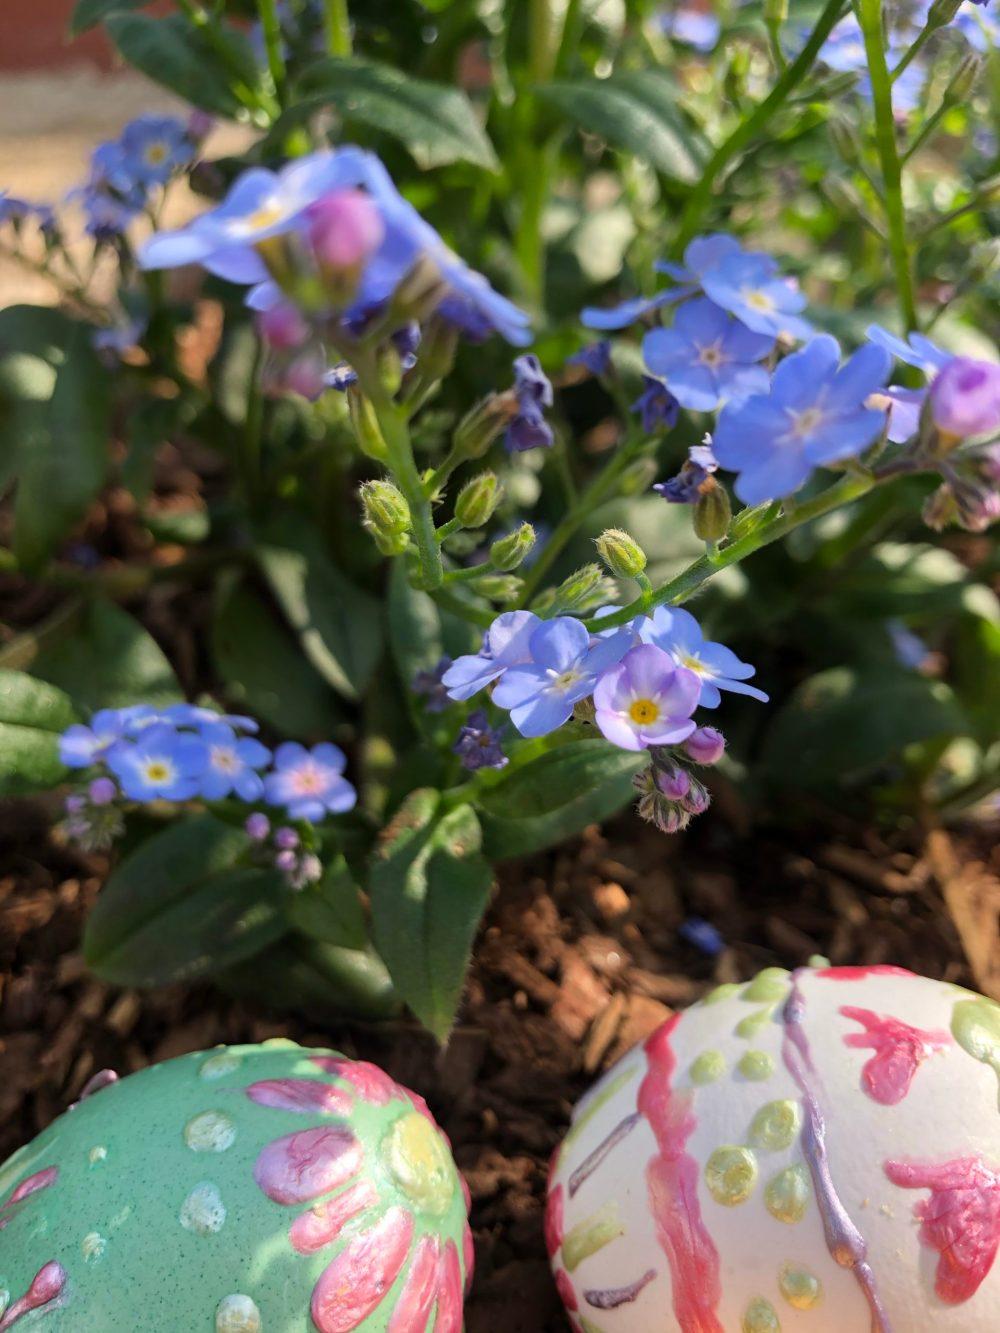 Zwei bemalte Eier liegen unter den Vergissmeinnicht Blumen